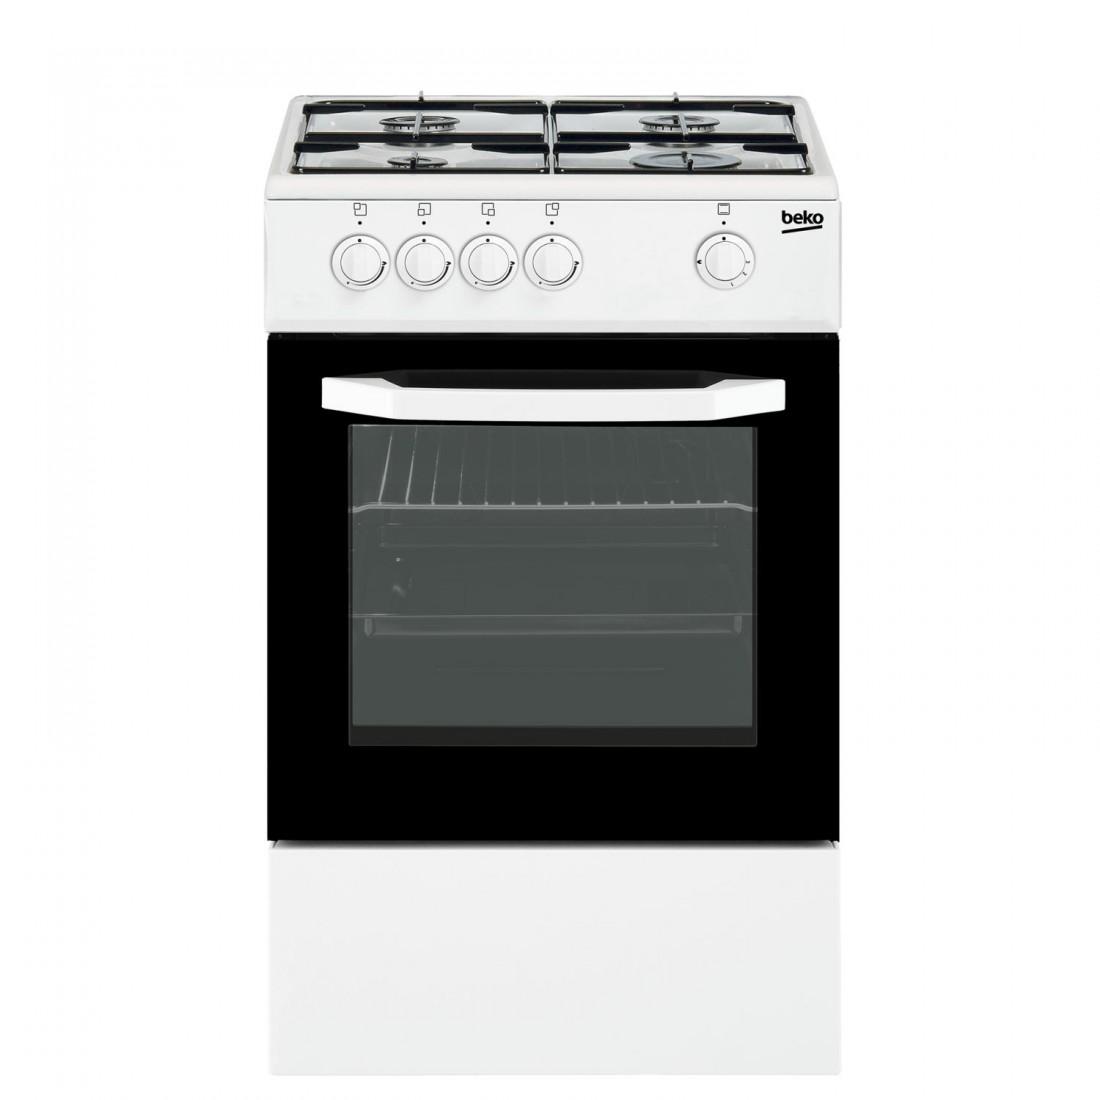 Cocina Gas - Beko CSG42009DW, 50 cm, 4 fuegos, Blanco